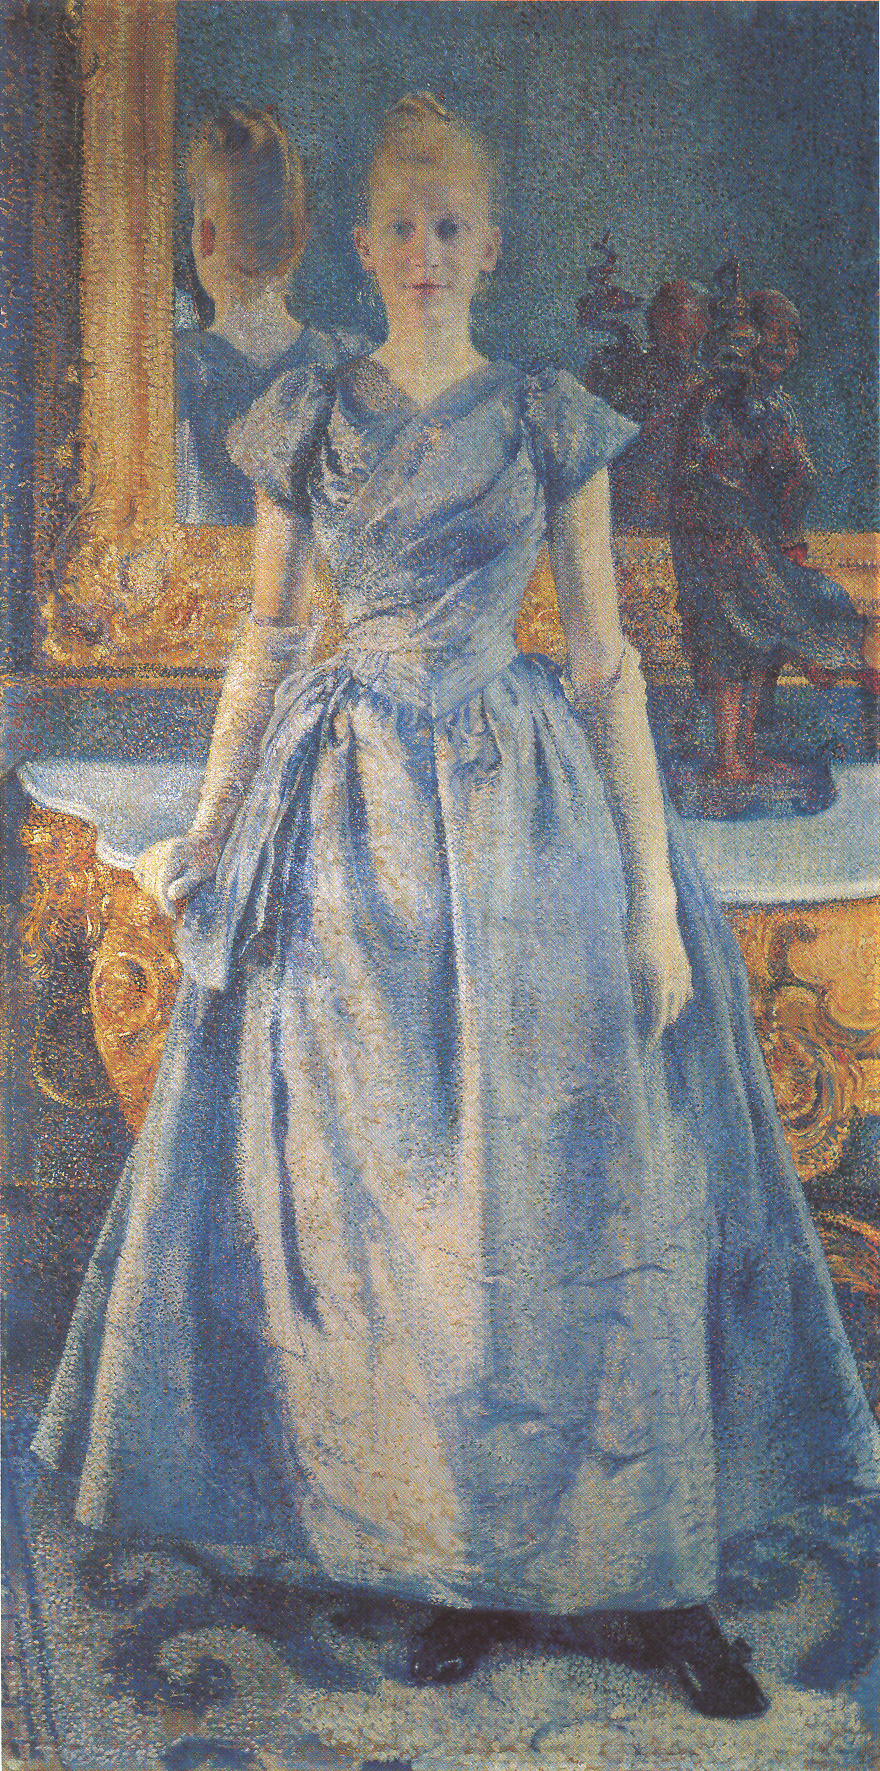 Theo van Rysselberghe, Portrait of Alice Sethe (1888), Musée départemental du Prieuré, Saint-Germain-en-Laye